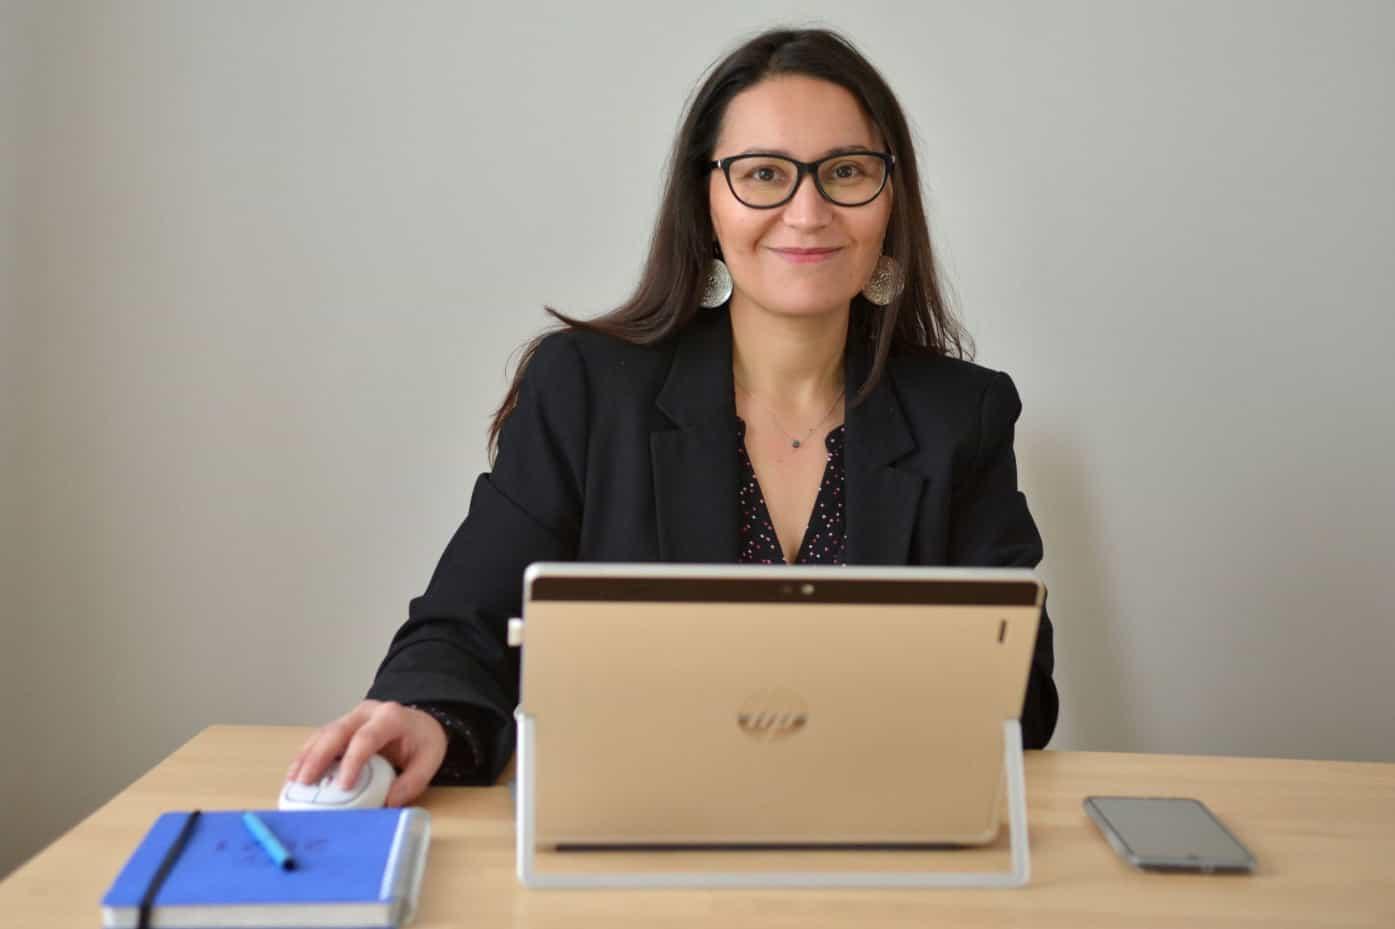 Je suis Nabila, ancienne avocate au Barreau de Paris et ex-juriste RH